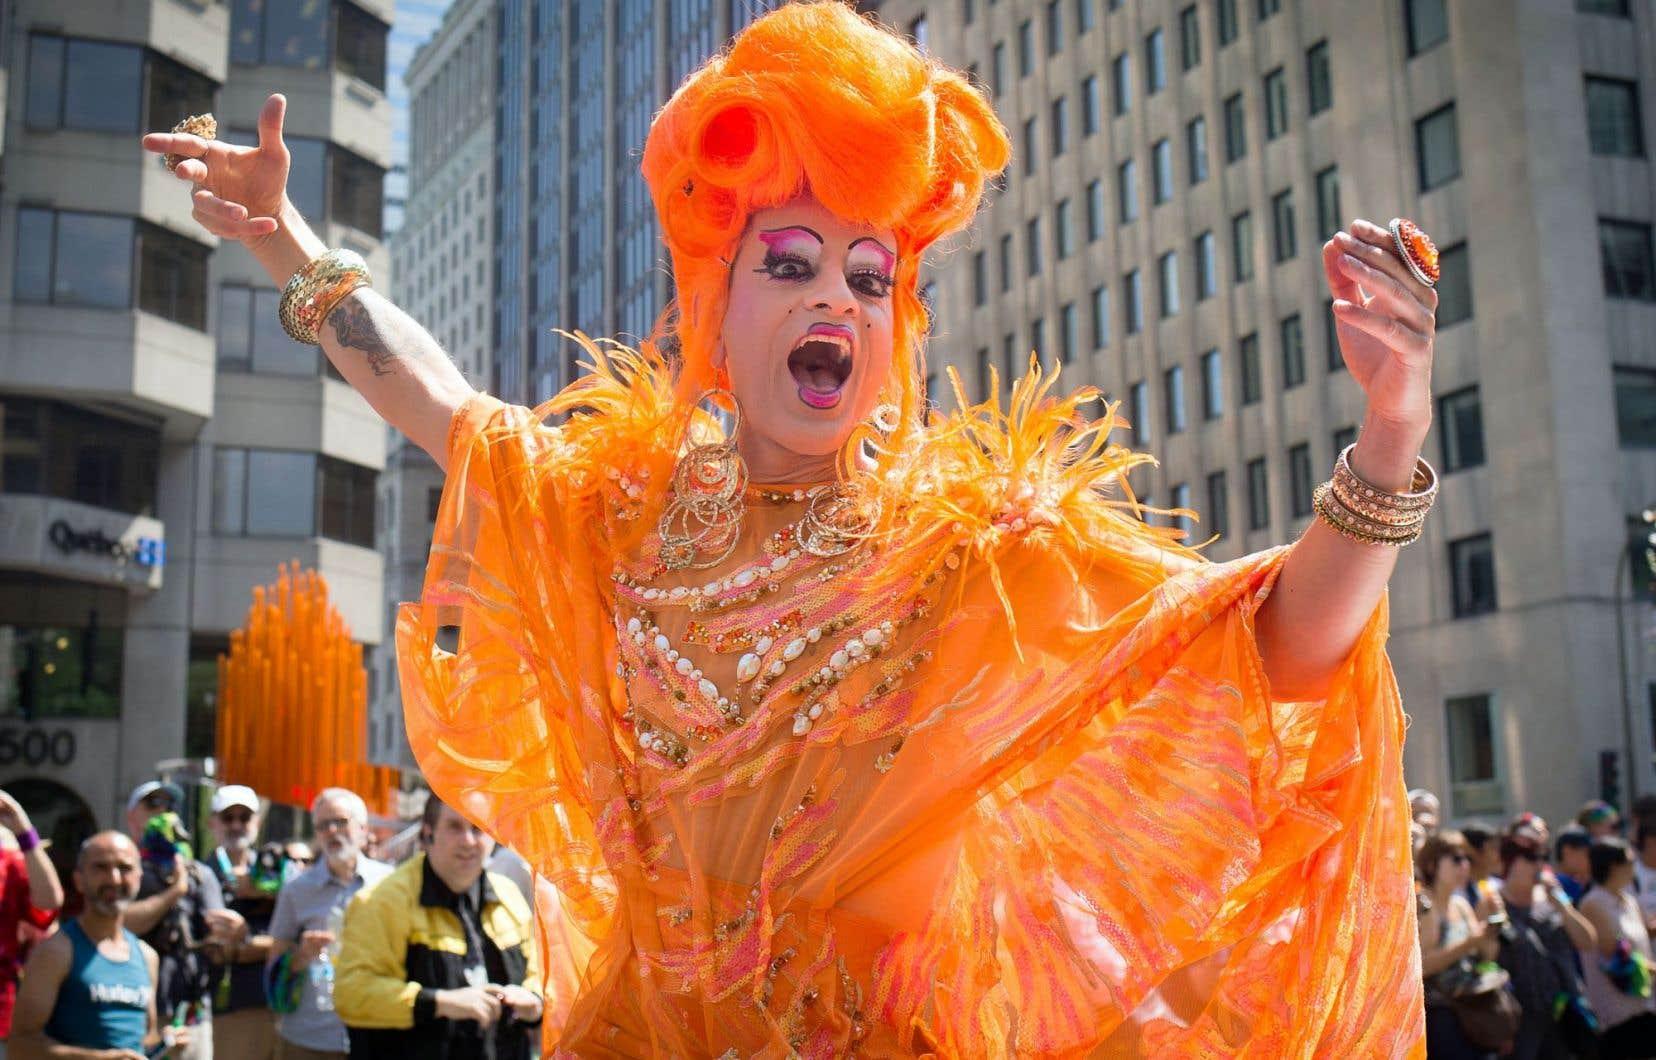 Le défilé de la Fierté gaie permet chaque année d'admirer les costumes extravagants de ses participants.